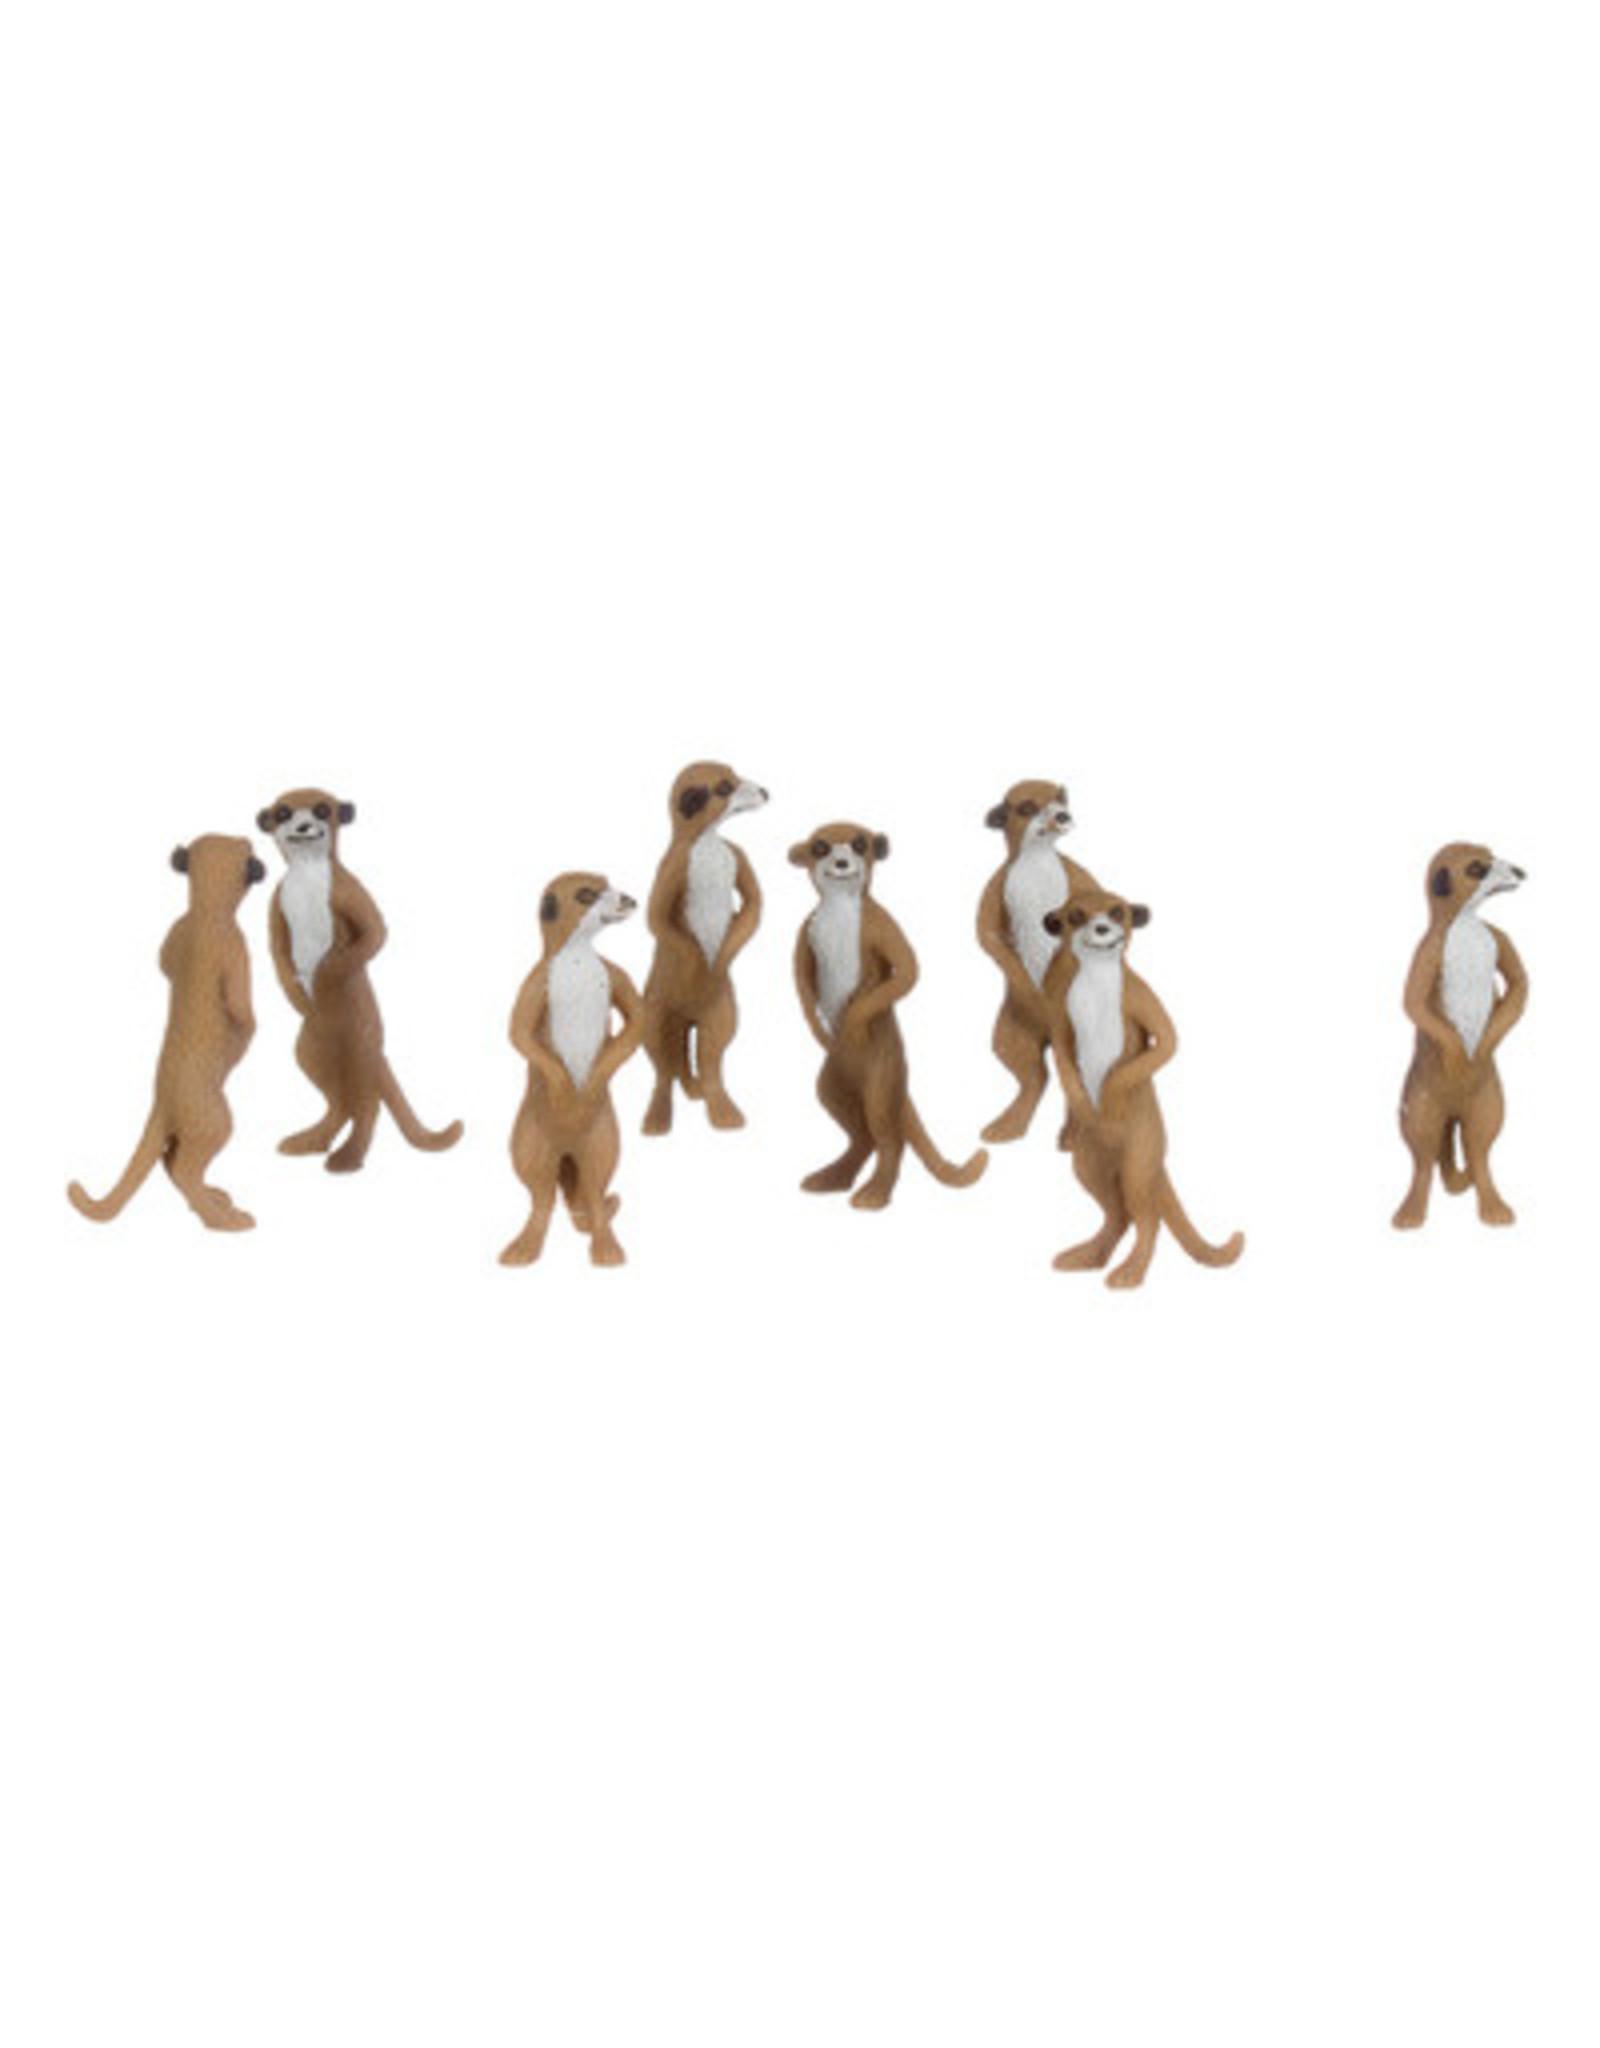 Goodluck mini - meerkat